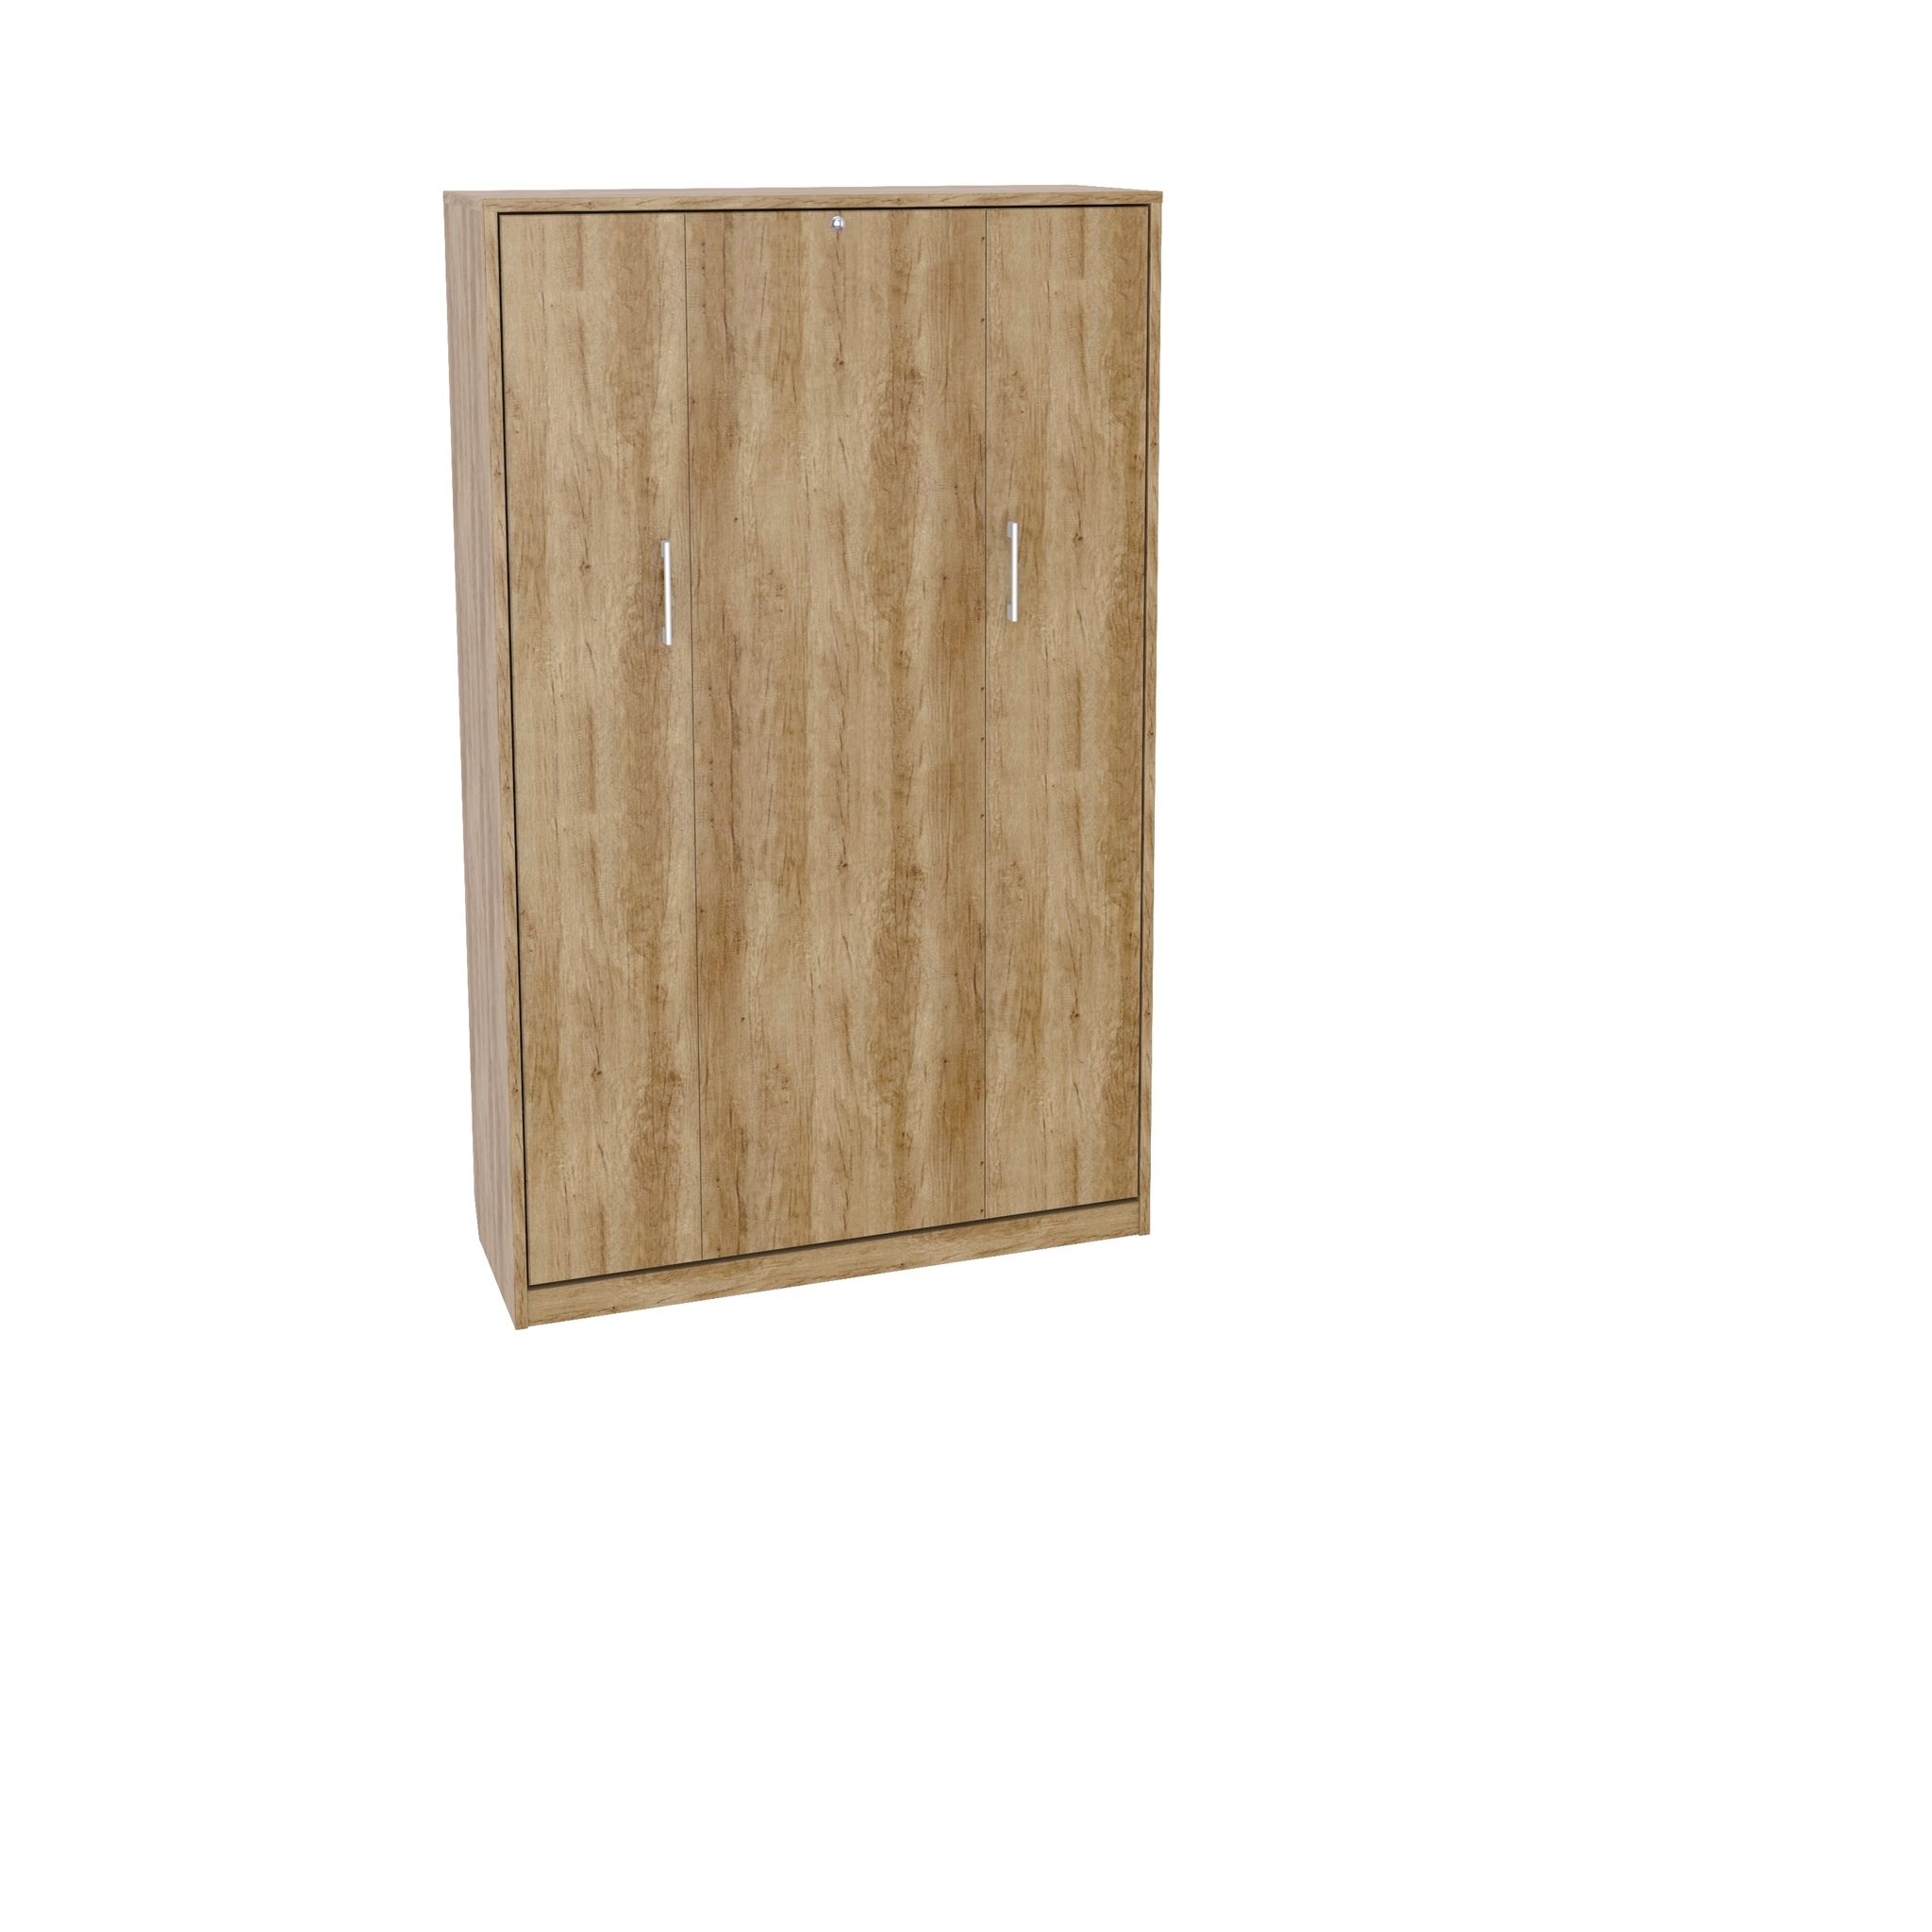 Шкаф-кровать вертикальная полутороспальная 120 см